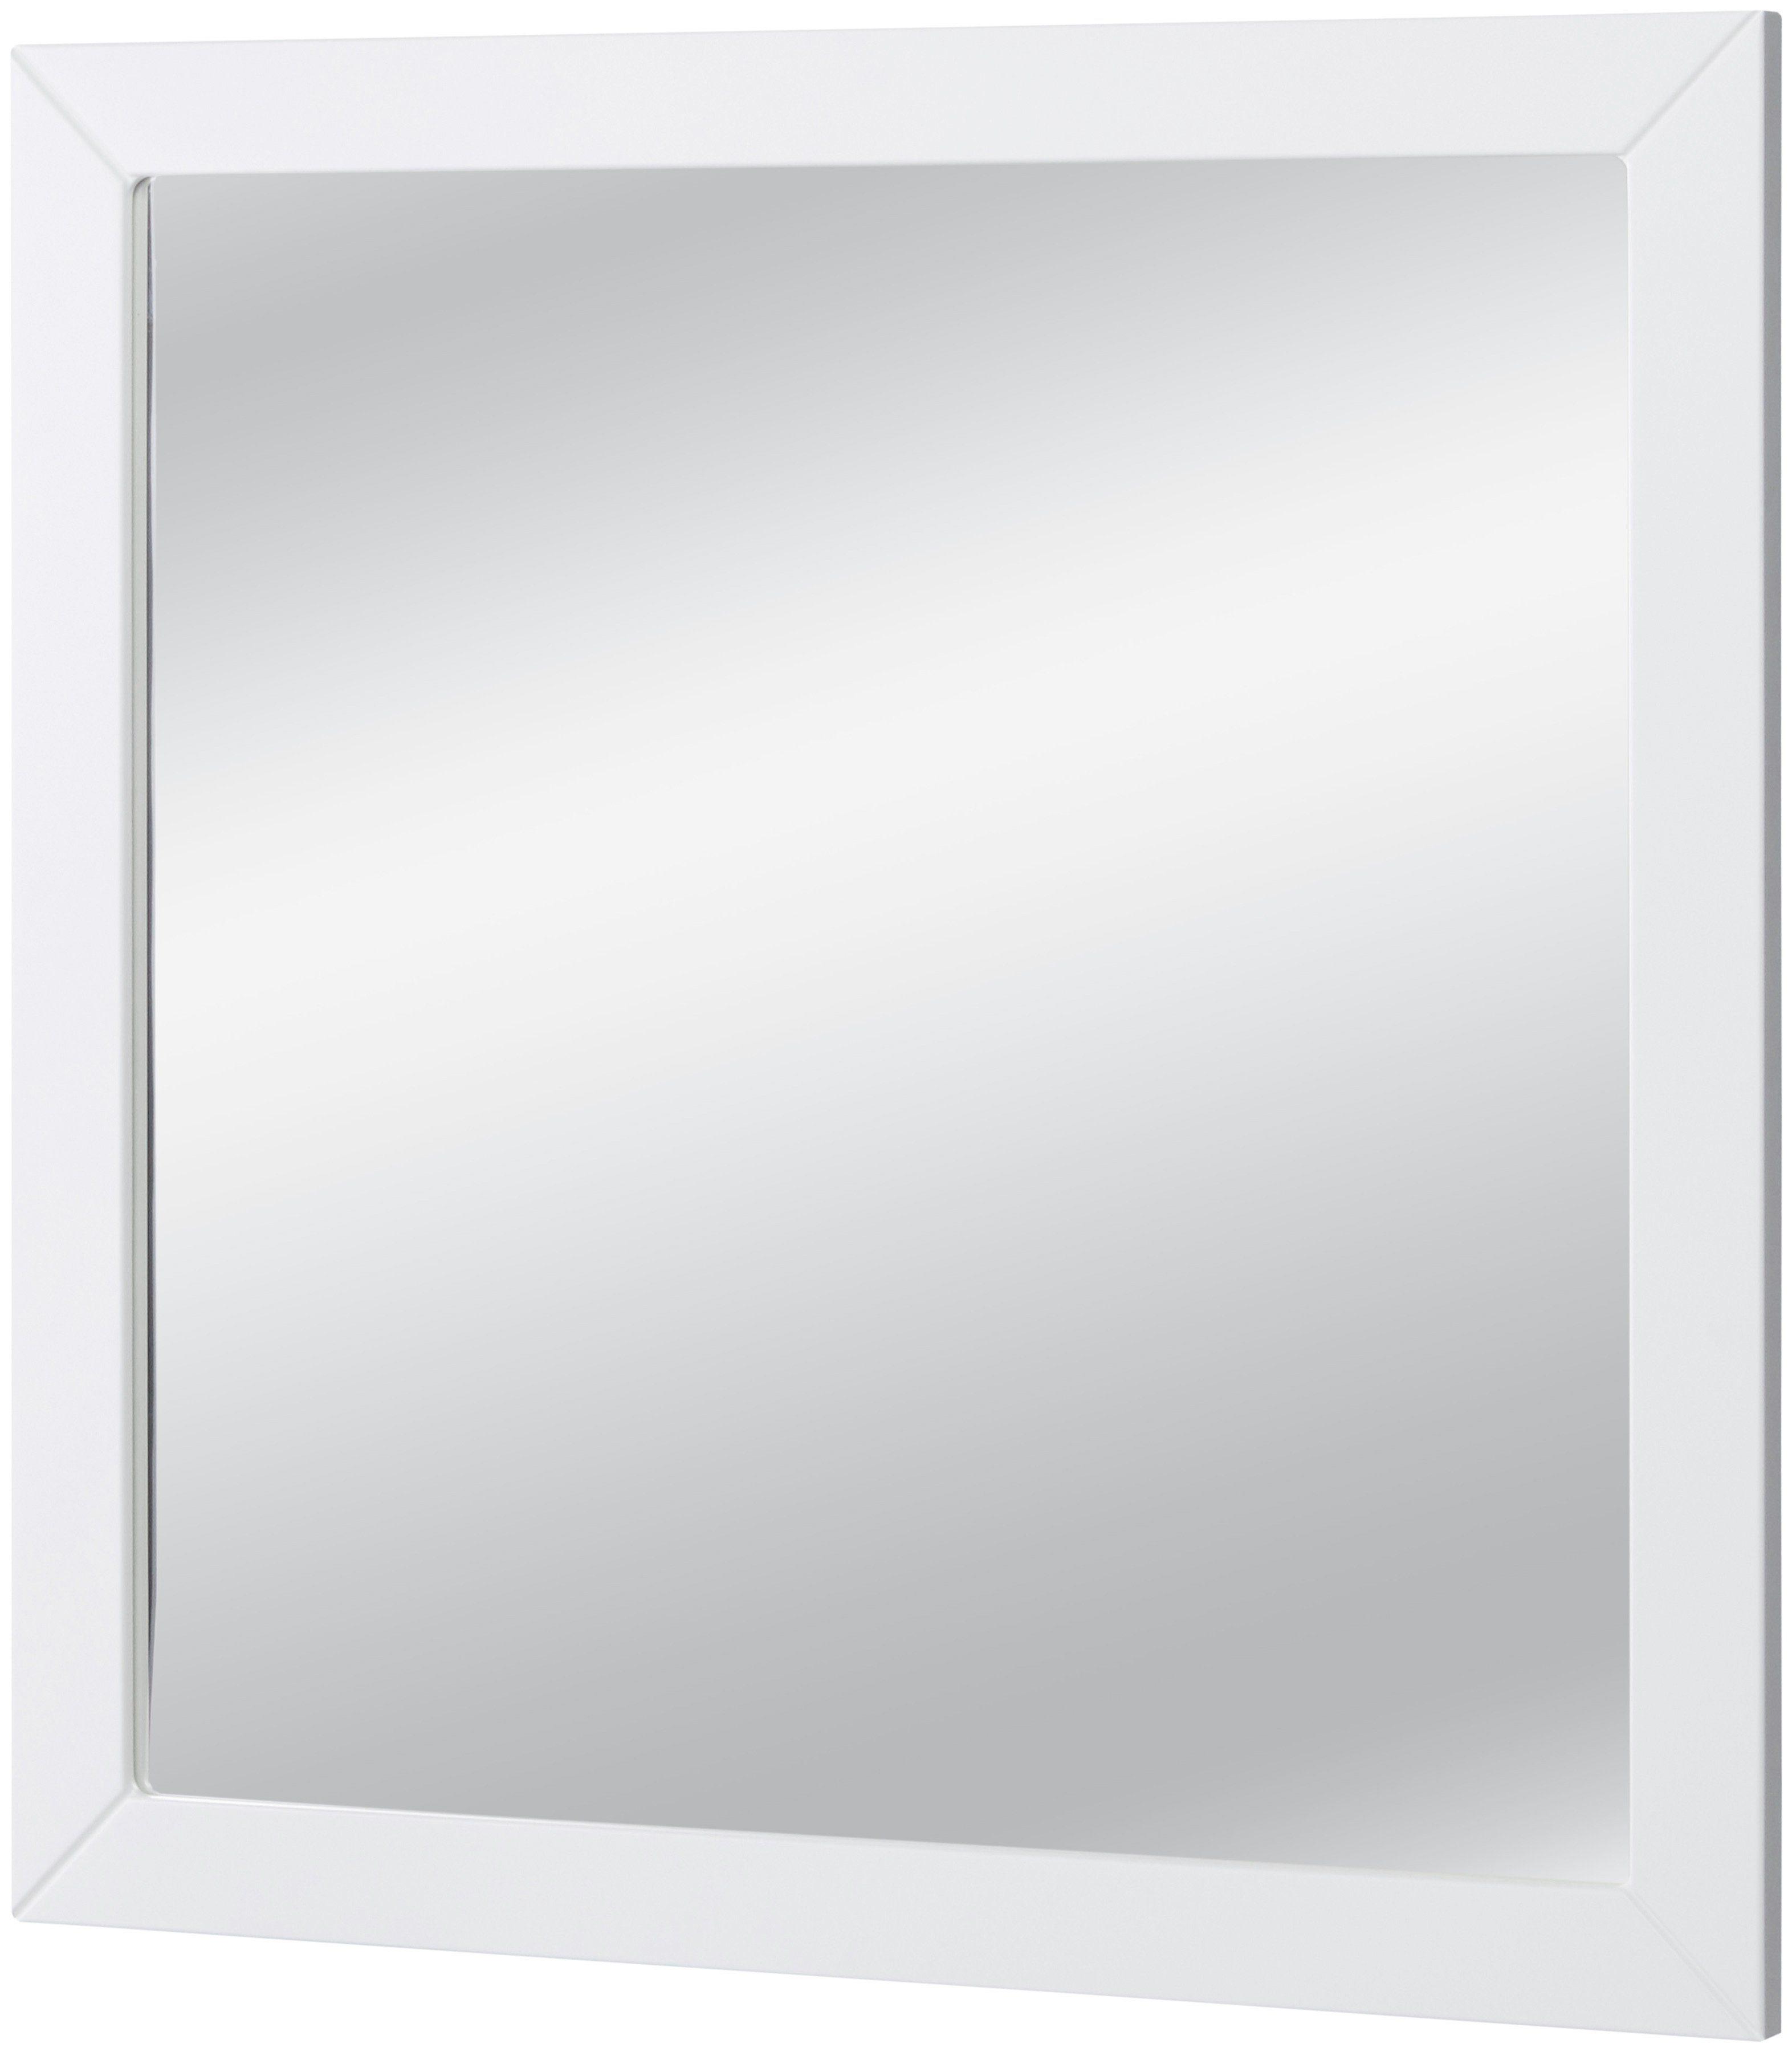 ORISTO Badspiegel »Sina«, Breite 70 cm, weiß